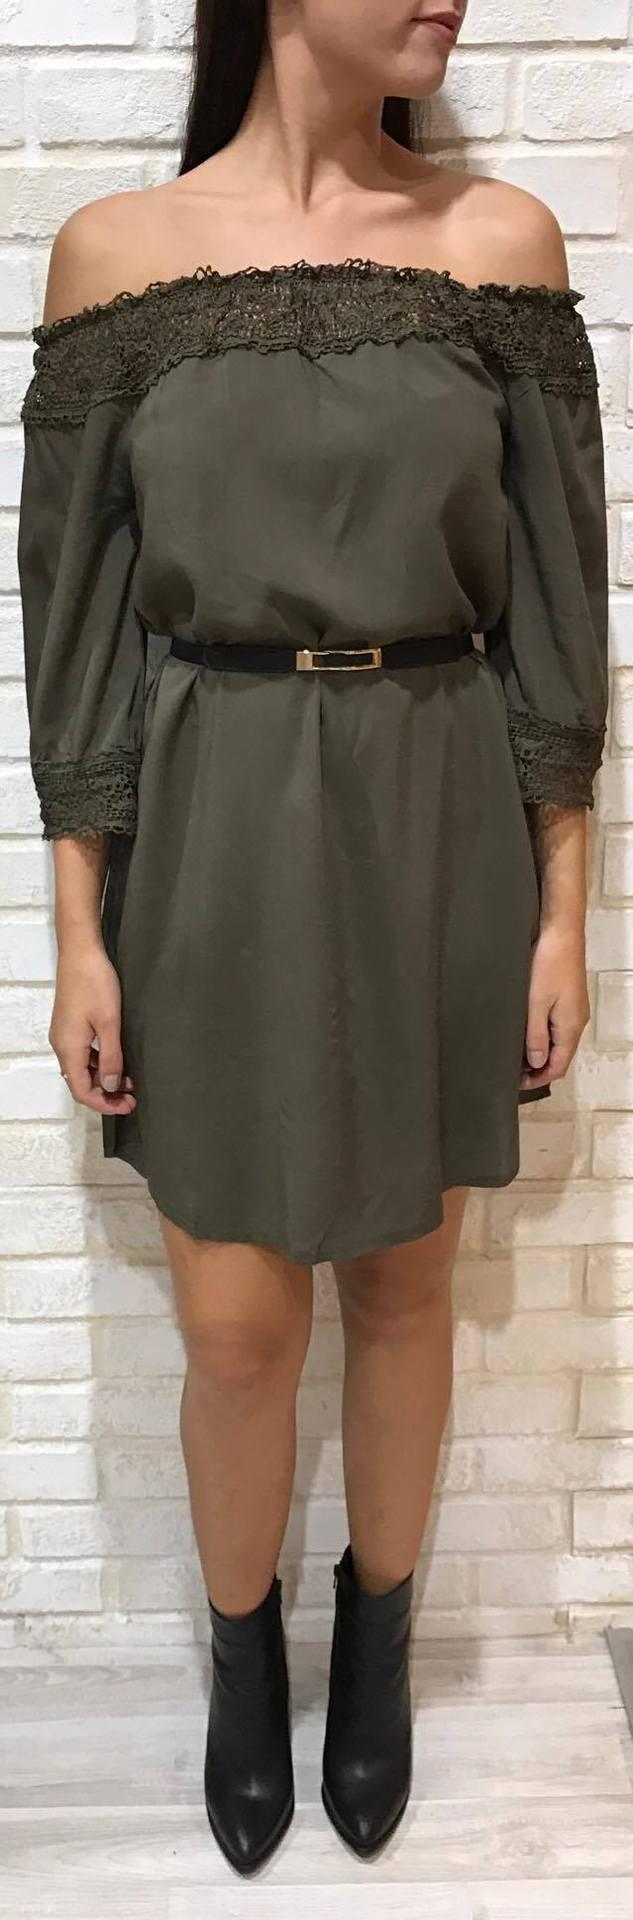 LACEY LOU DRESS / A7202